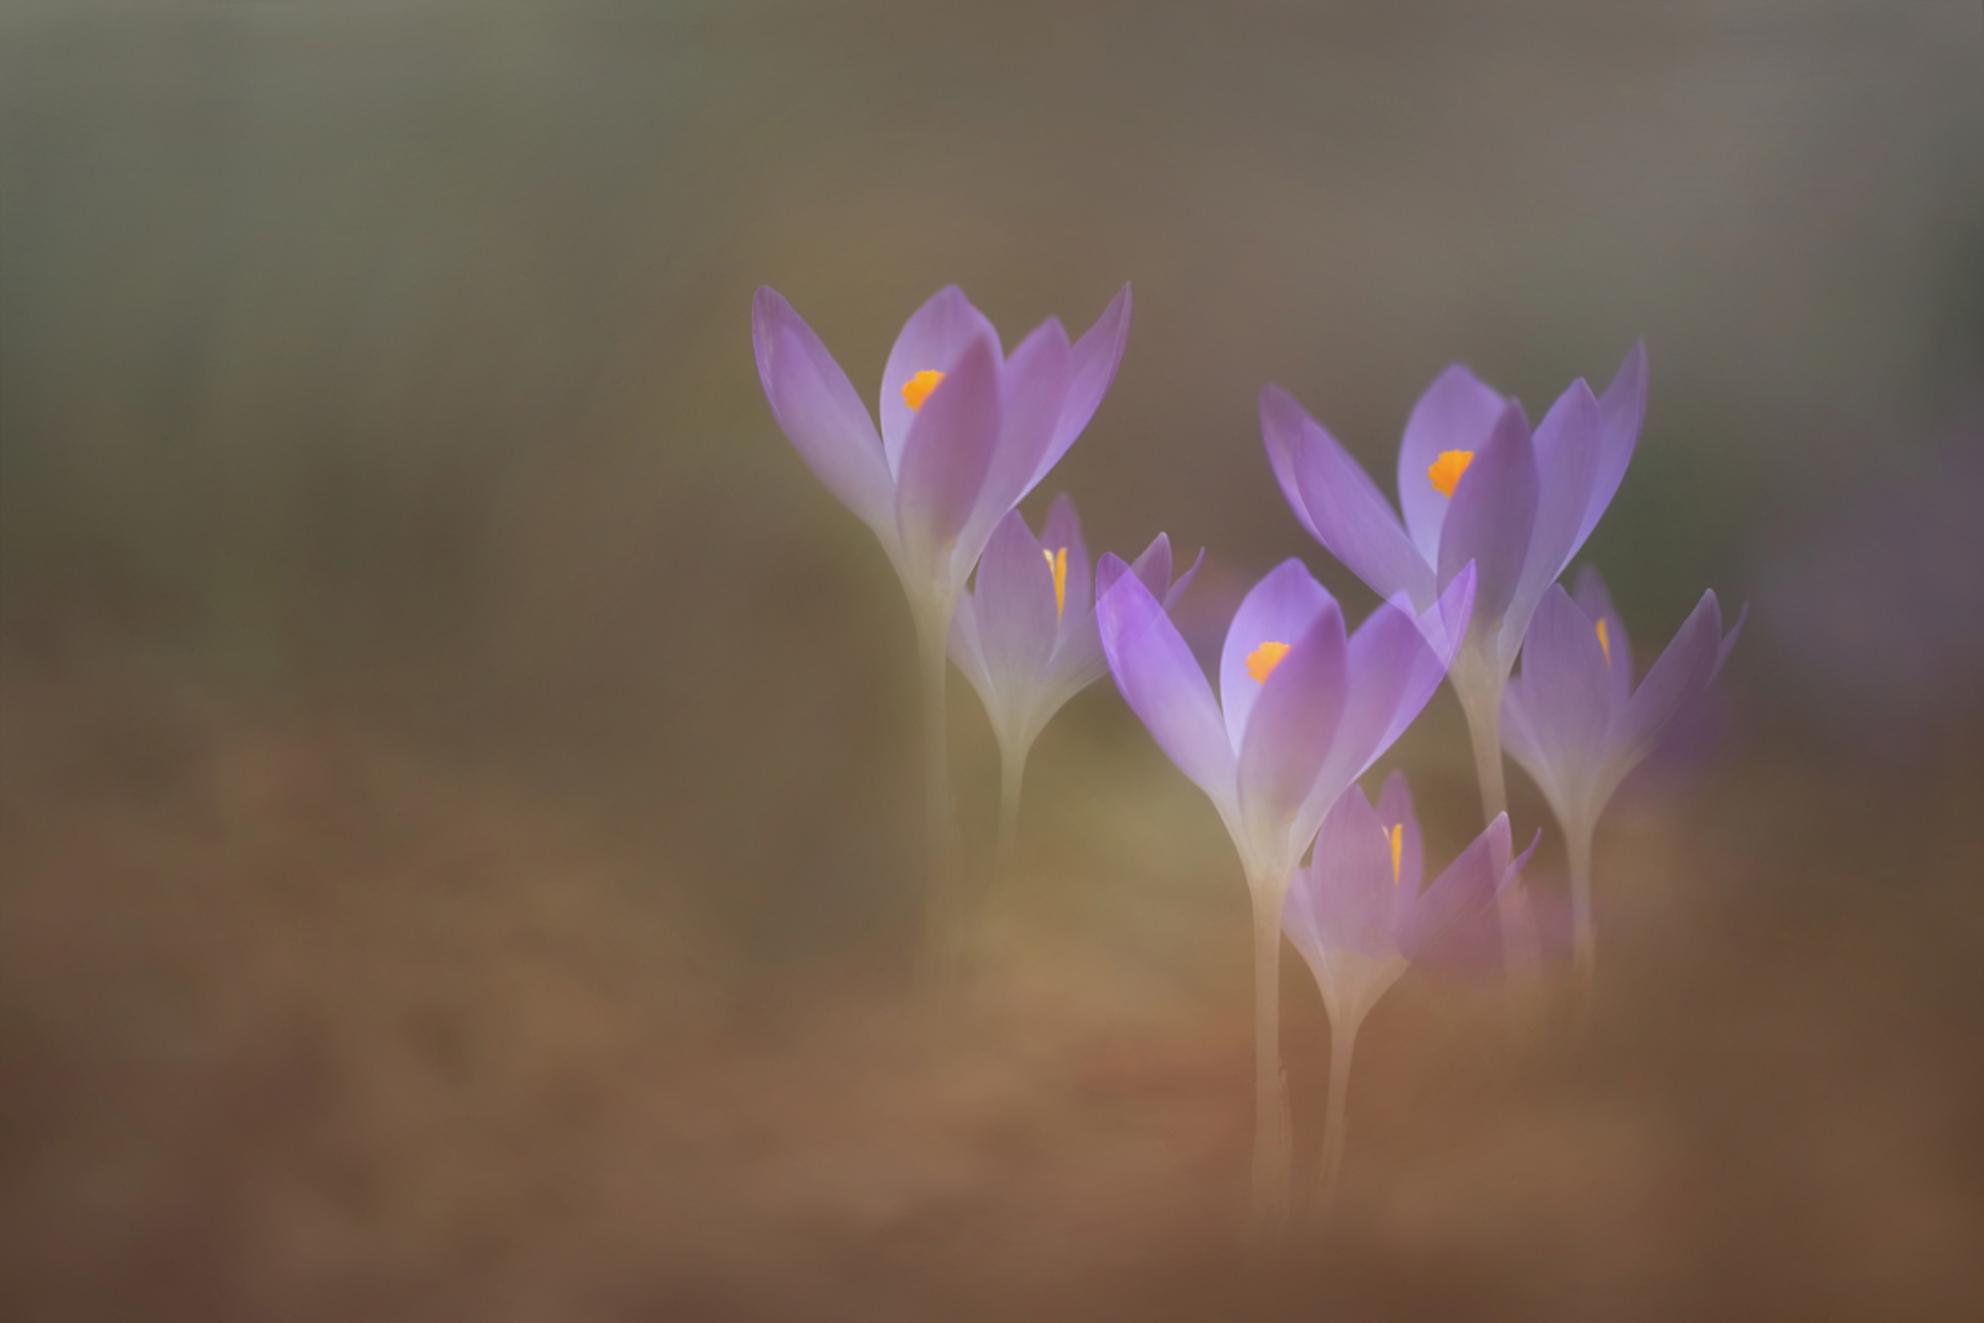 Lentegevoel - Als de eerste lentebloeiers zich laten zien weet je dat het macro seizoen weer gaat beginnen. Foto gemaakt met meervoudige belichting. - foto door NelTalen op 07-03-2017 - deze foto bevat: paars, macro, bloem, lente, meervoudige belichting - Deze foto mag gebruikt worden in een Zoom.nl publicatie